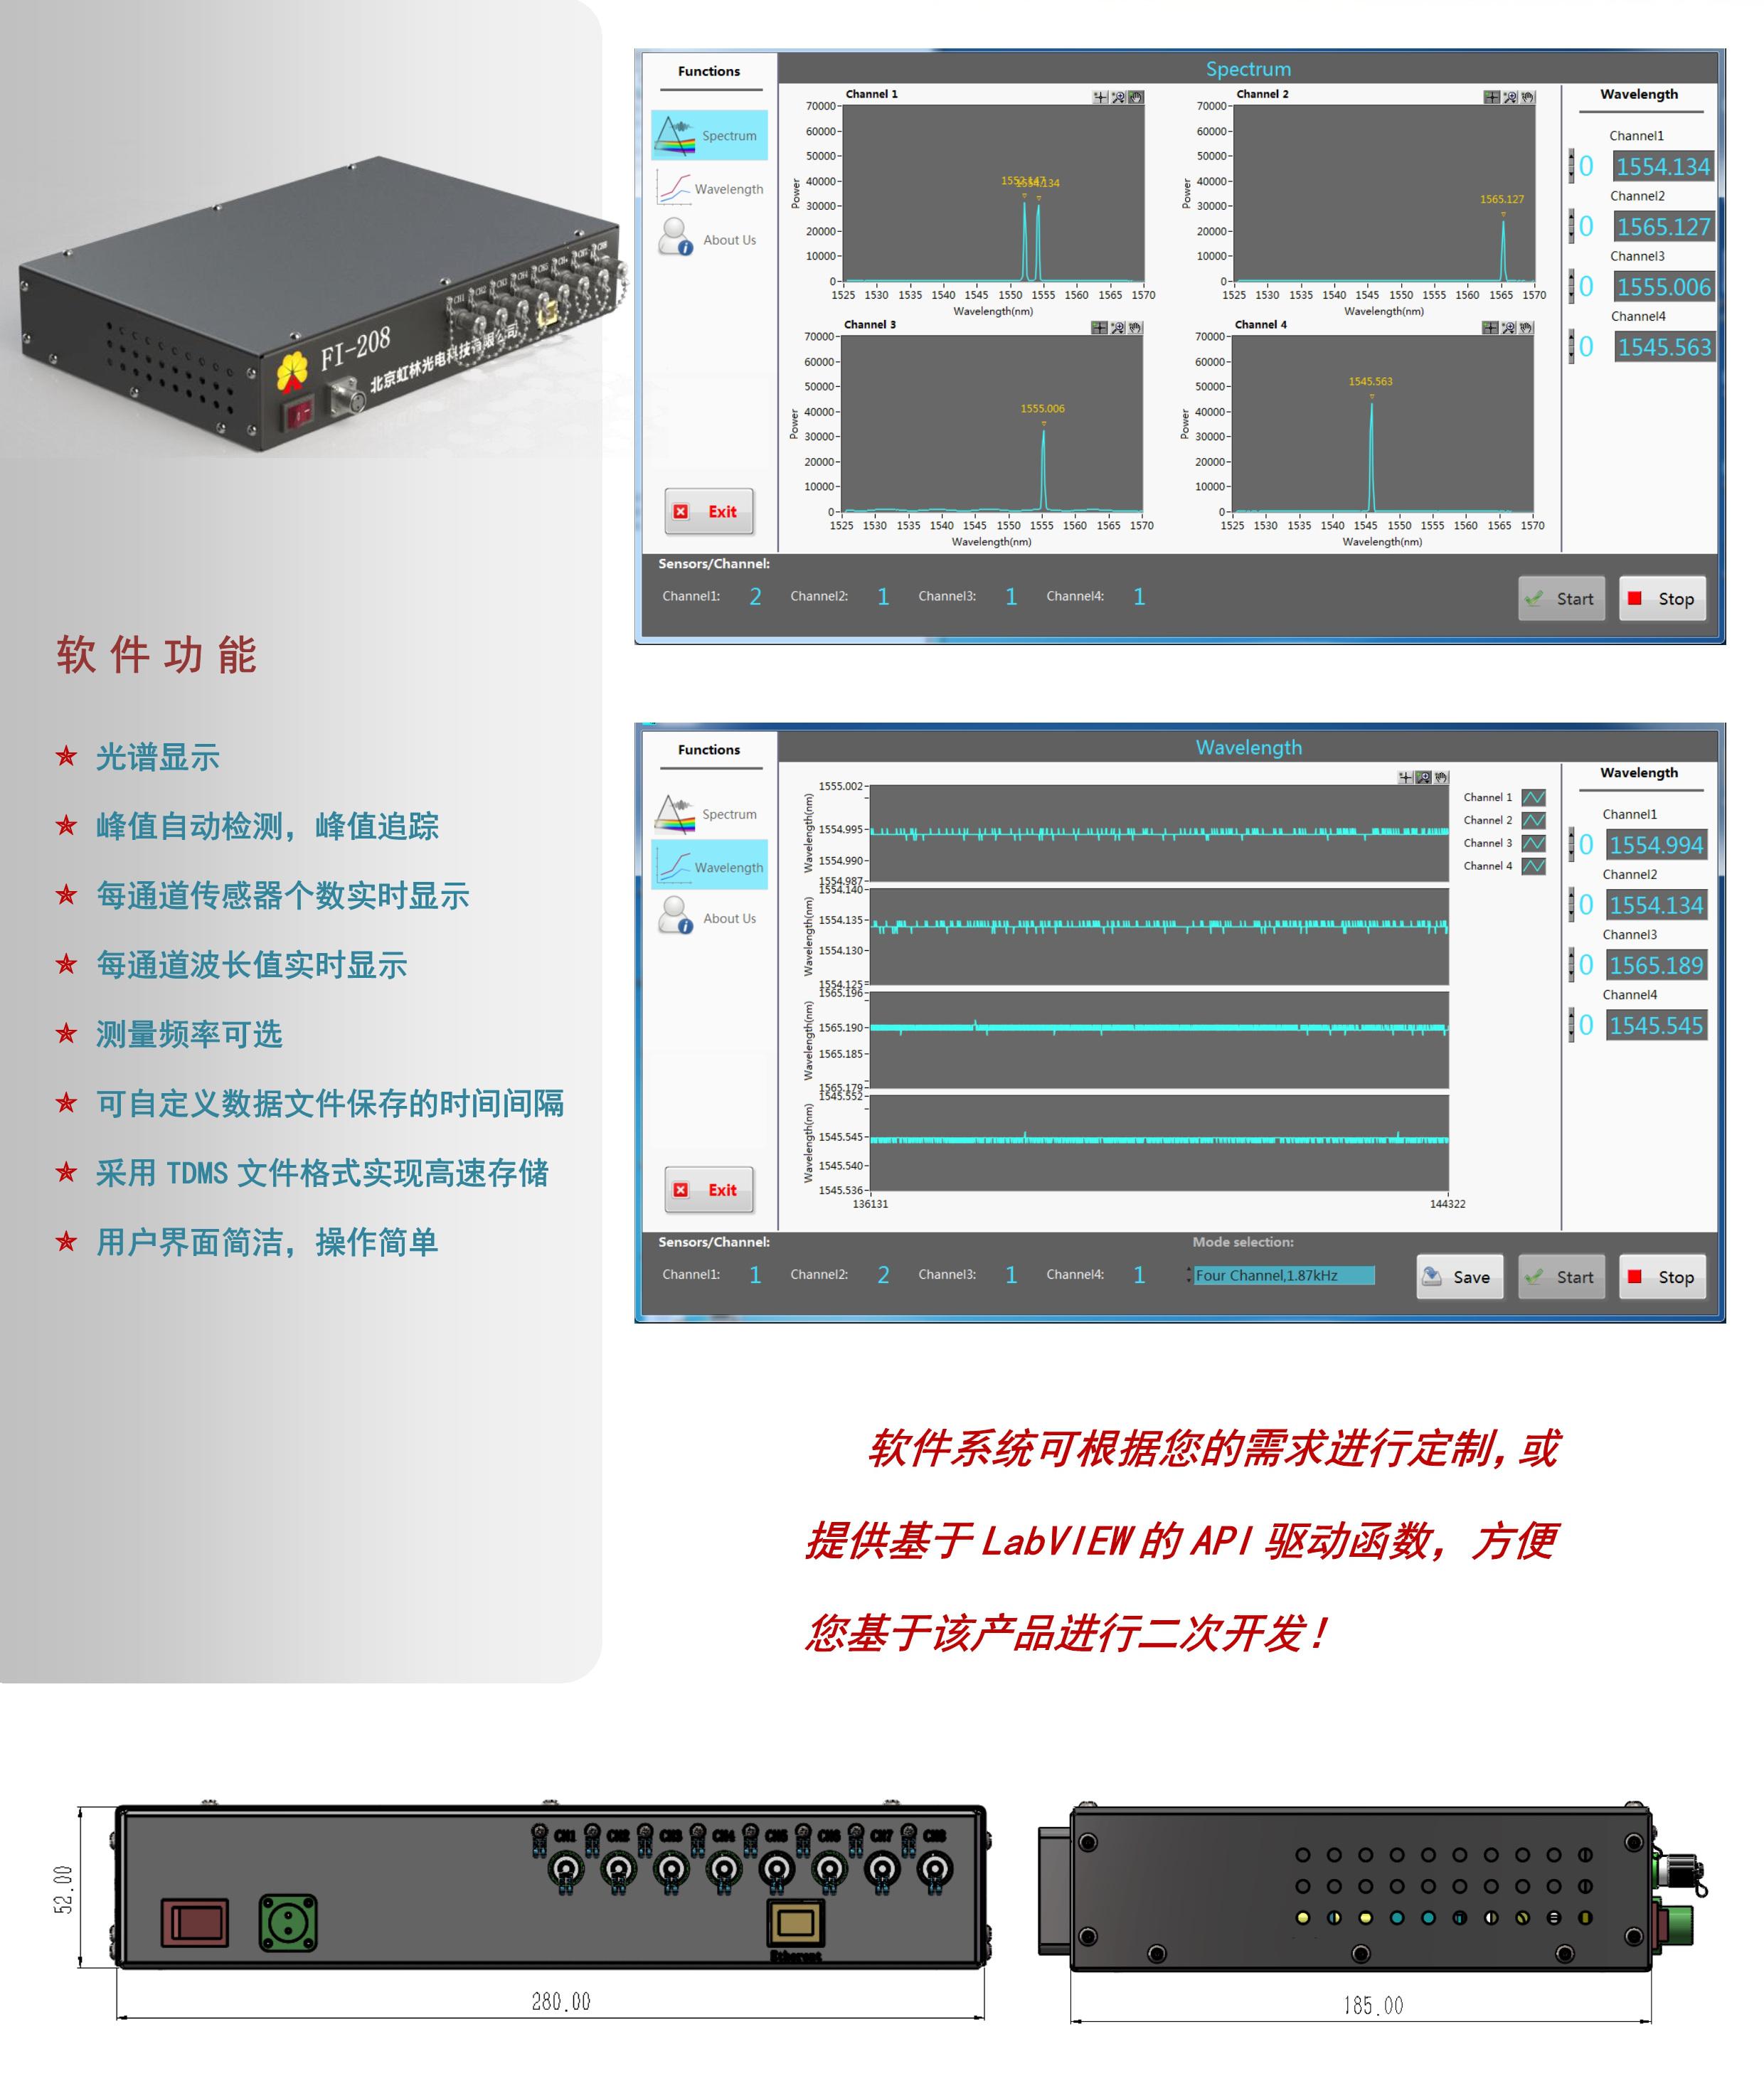 082313004437_0光纖光柵解調儀FI-2XX系列_3